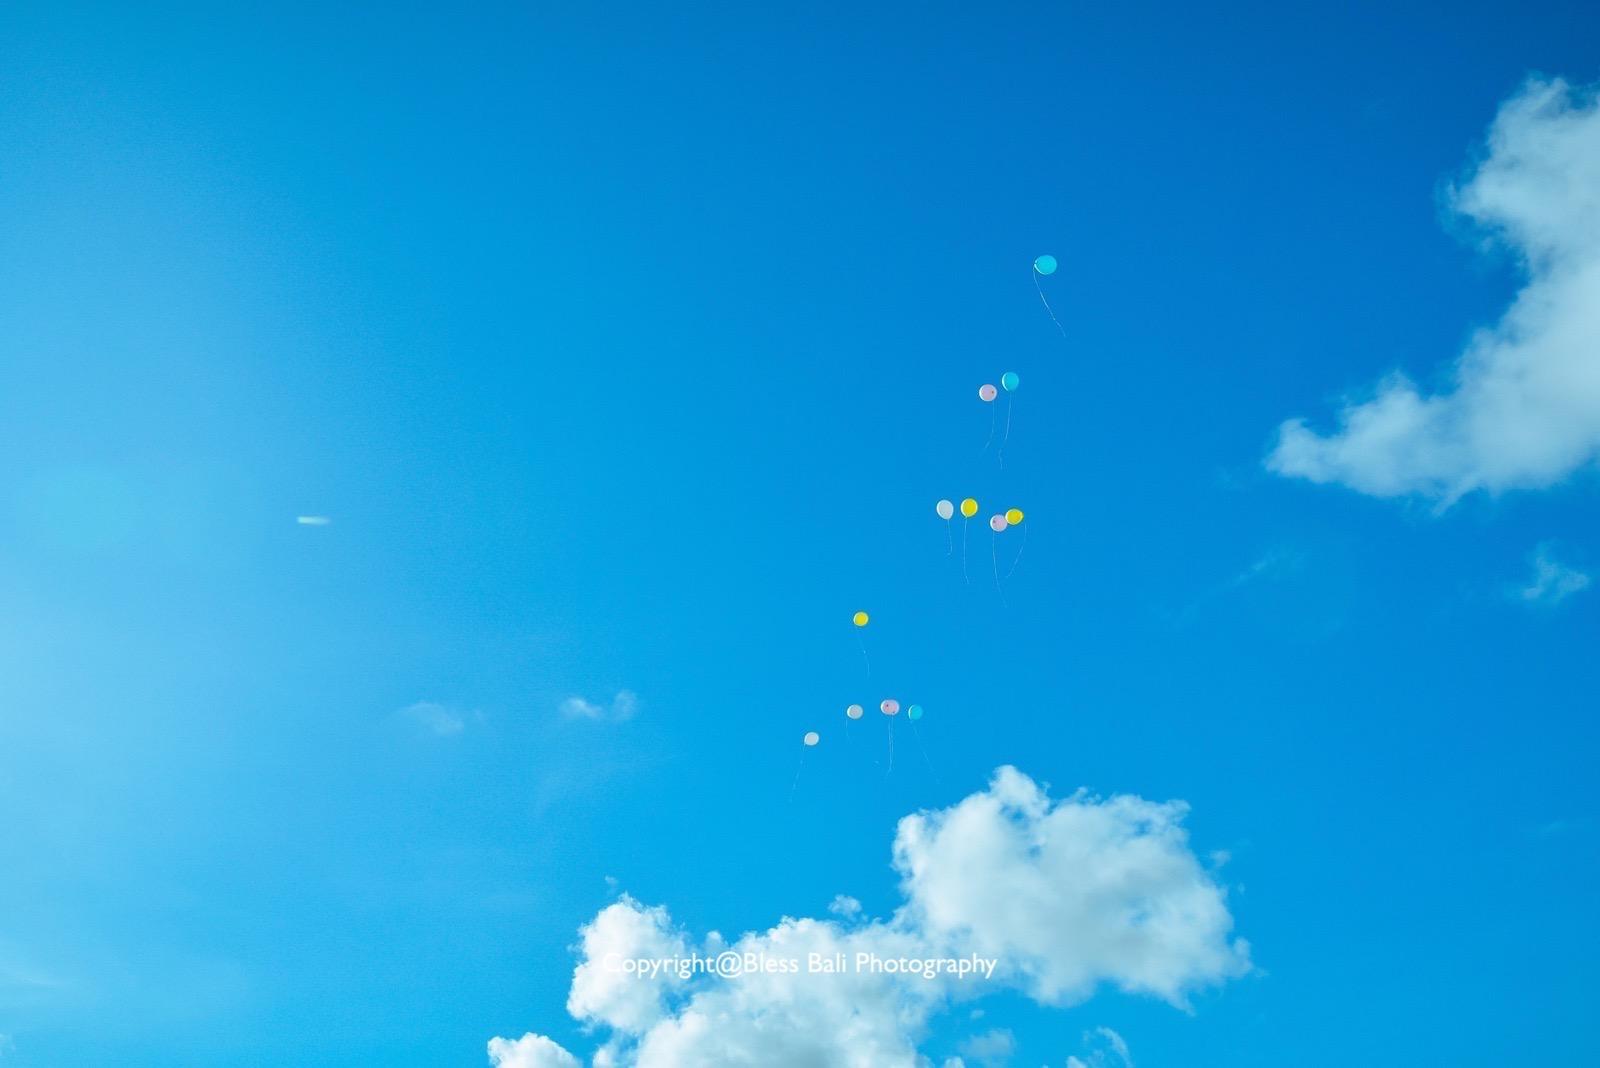 空高く飛んでいくバルーン